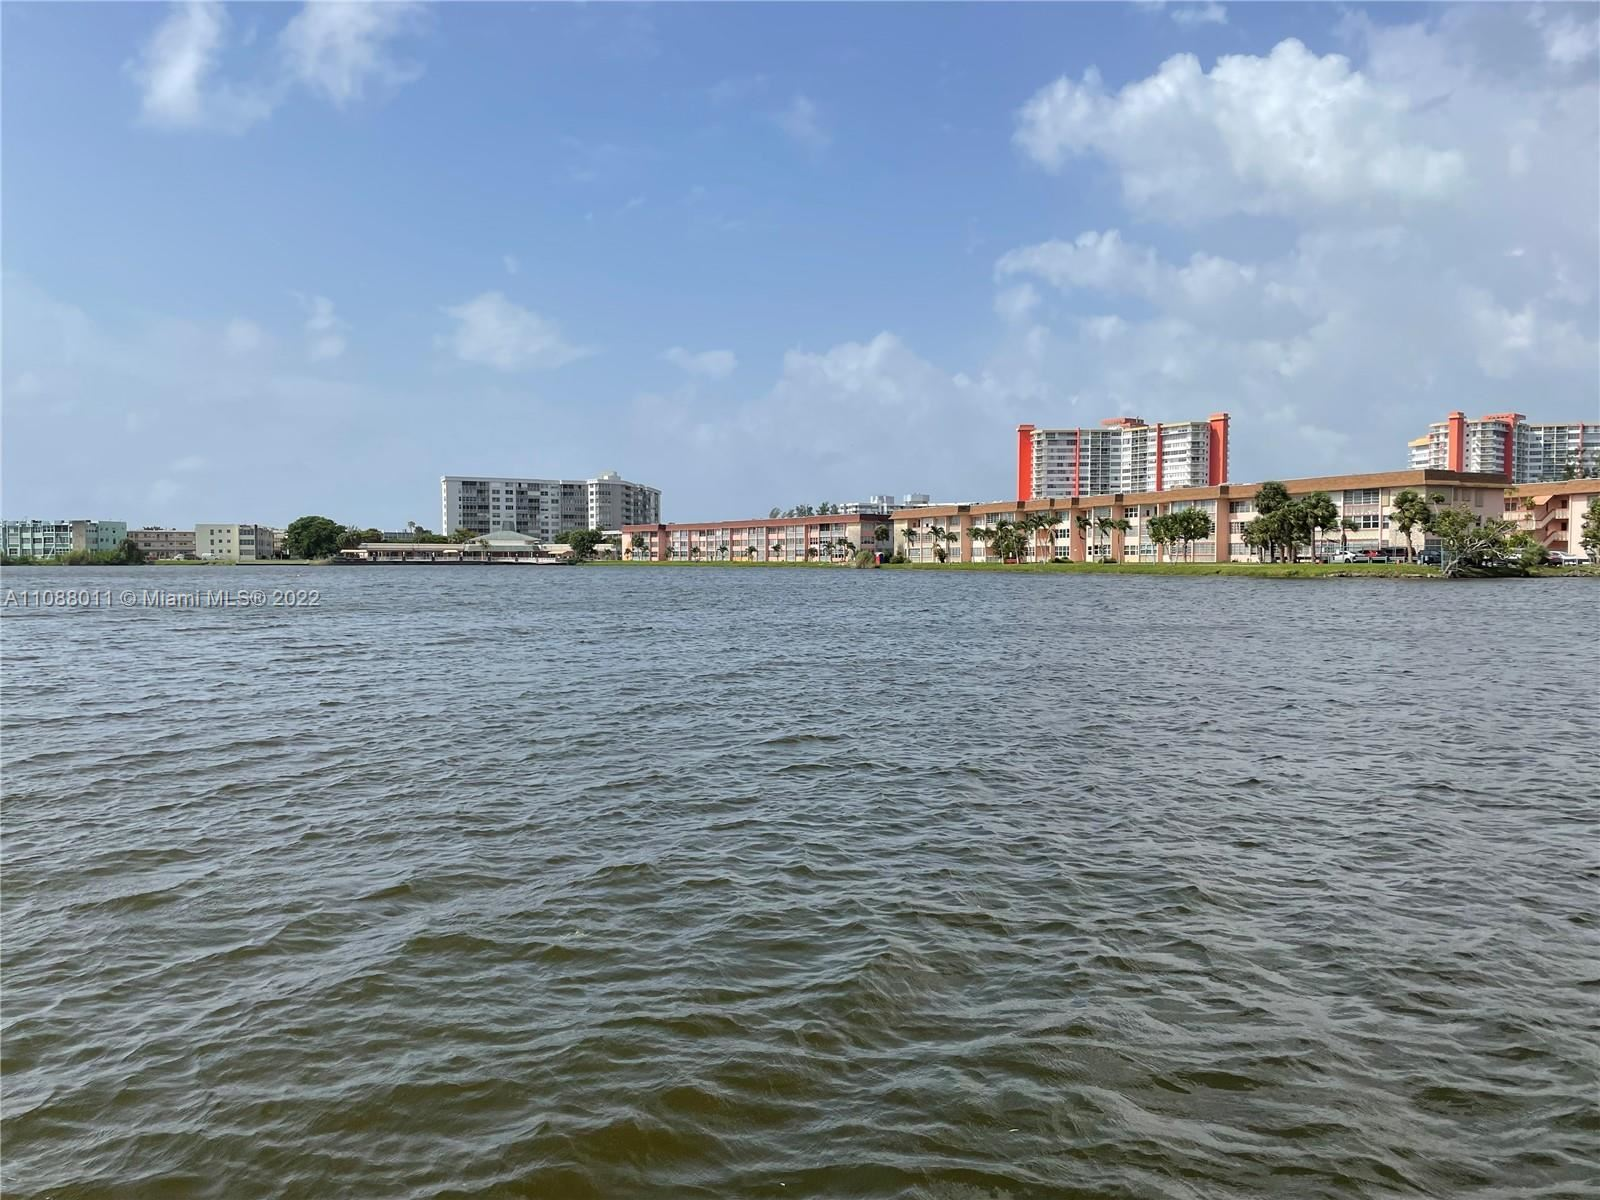 1400 NE 191st St #243, Miami, FL 33179 - #: A11088011